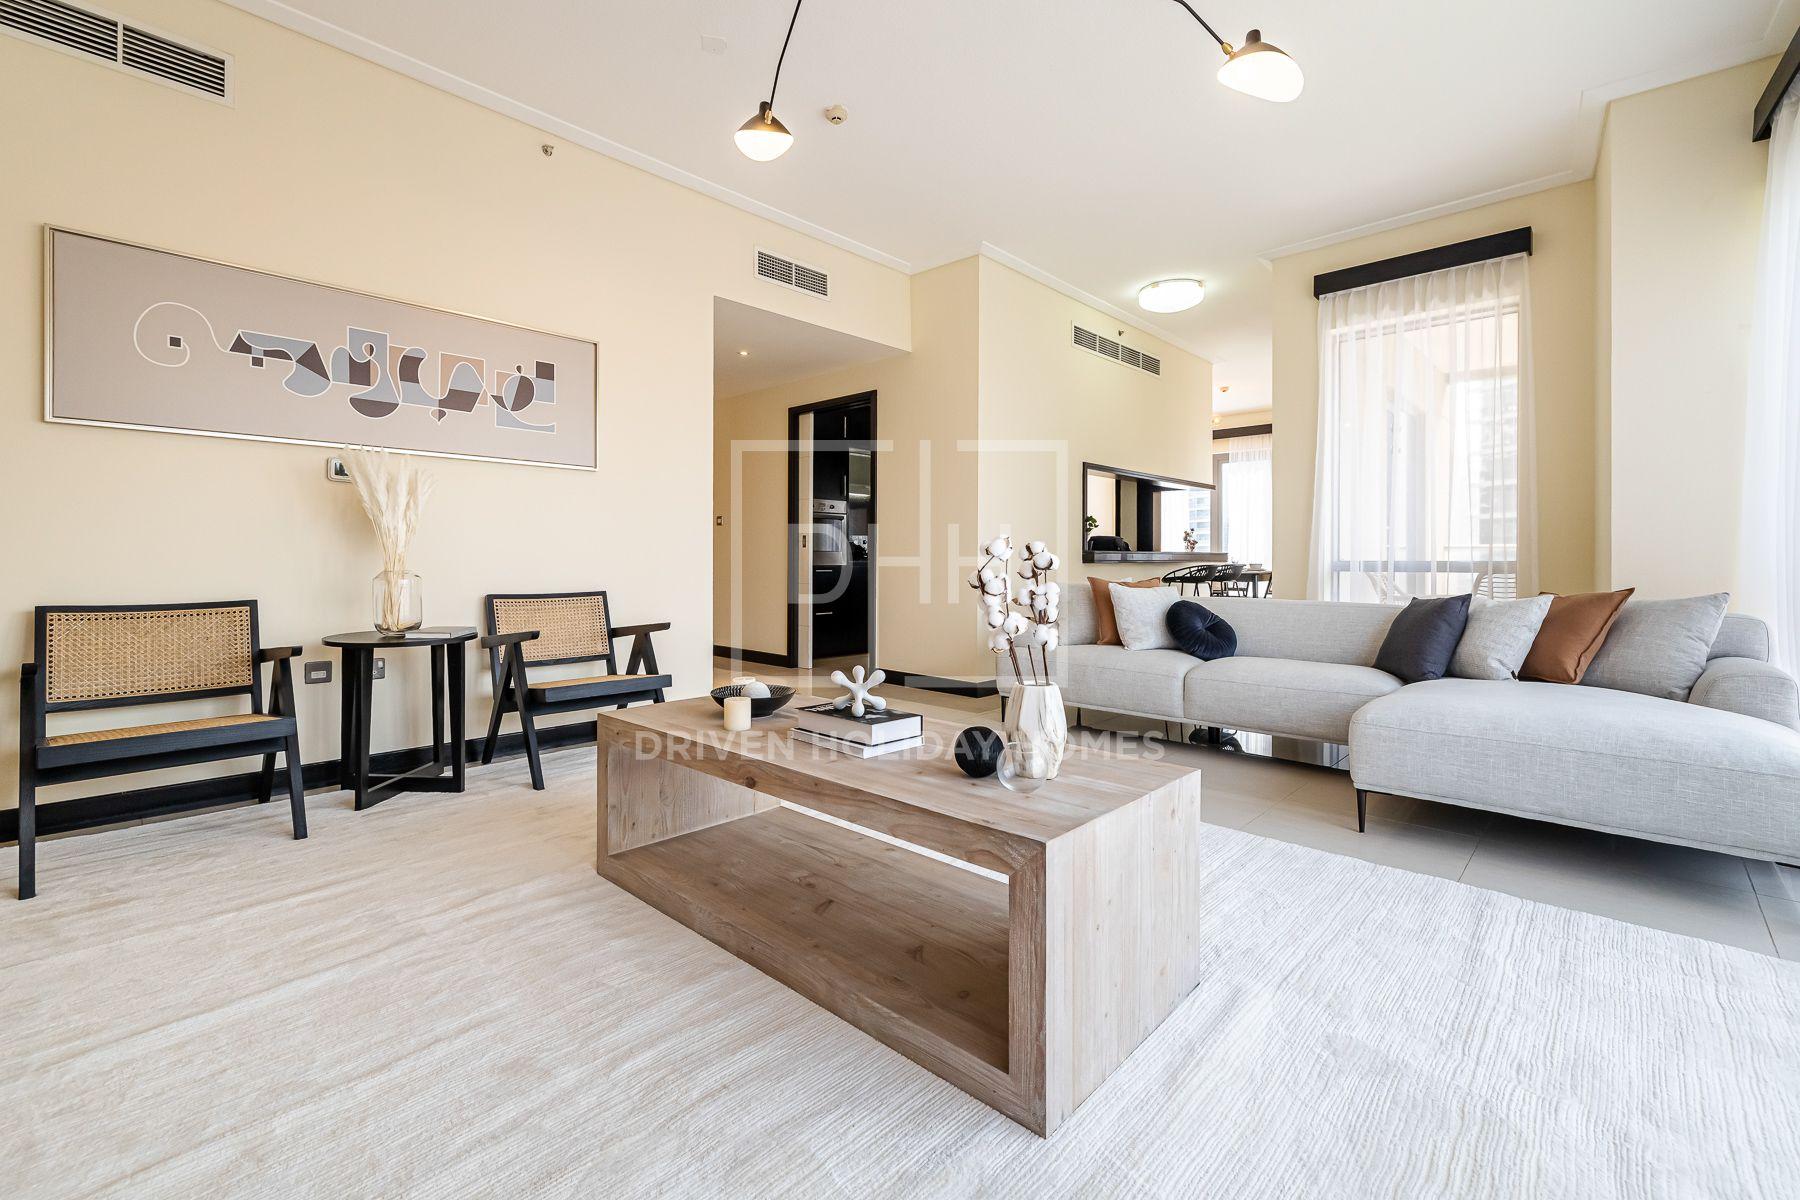 للايجار - شقة - البرج الجنوبي 1 - دبي وسط المدينة